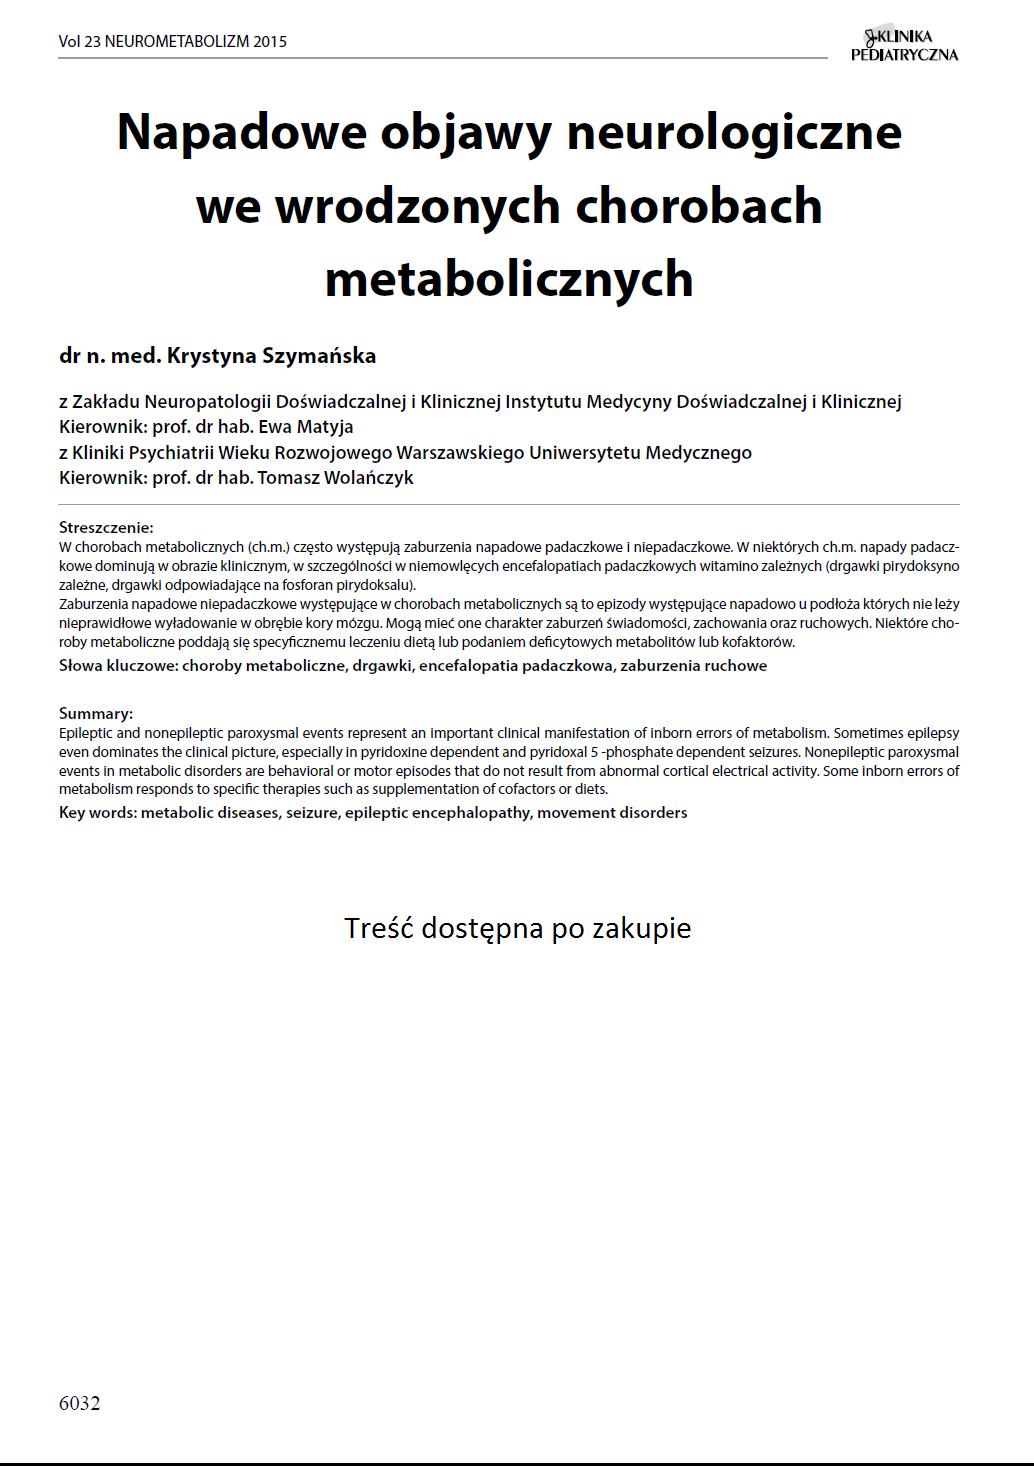 KP 2015-Neurometabolizm: Napadowe objawy neurologiczne we wrodzonych chorobach metabolicznych